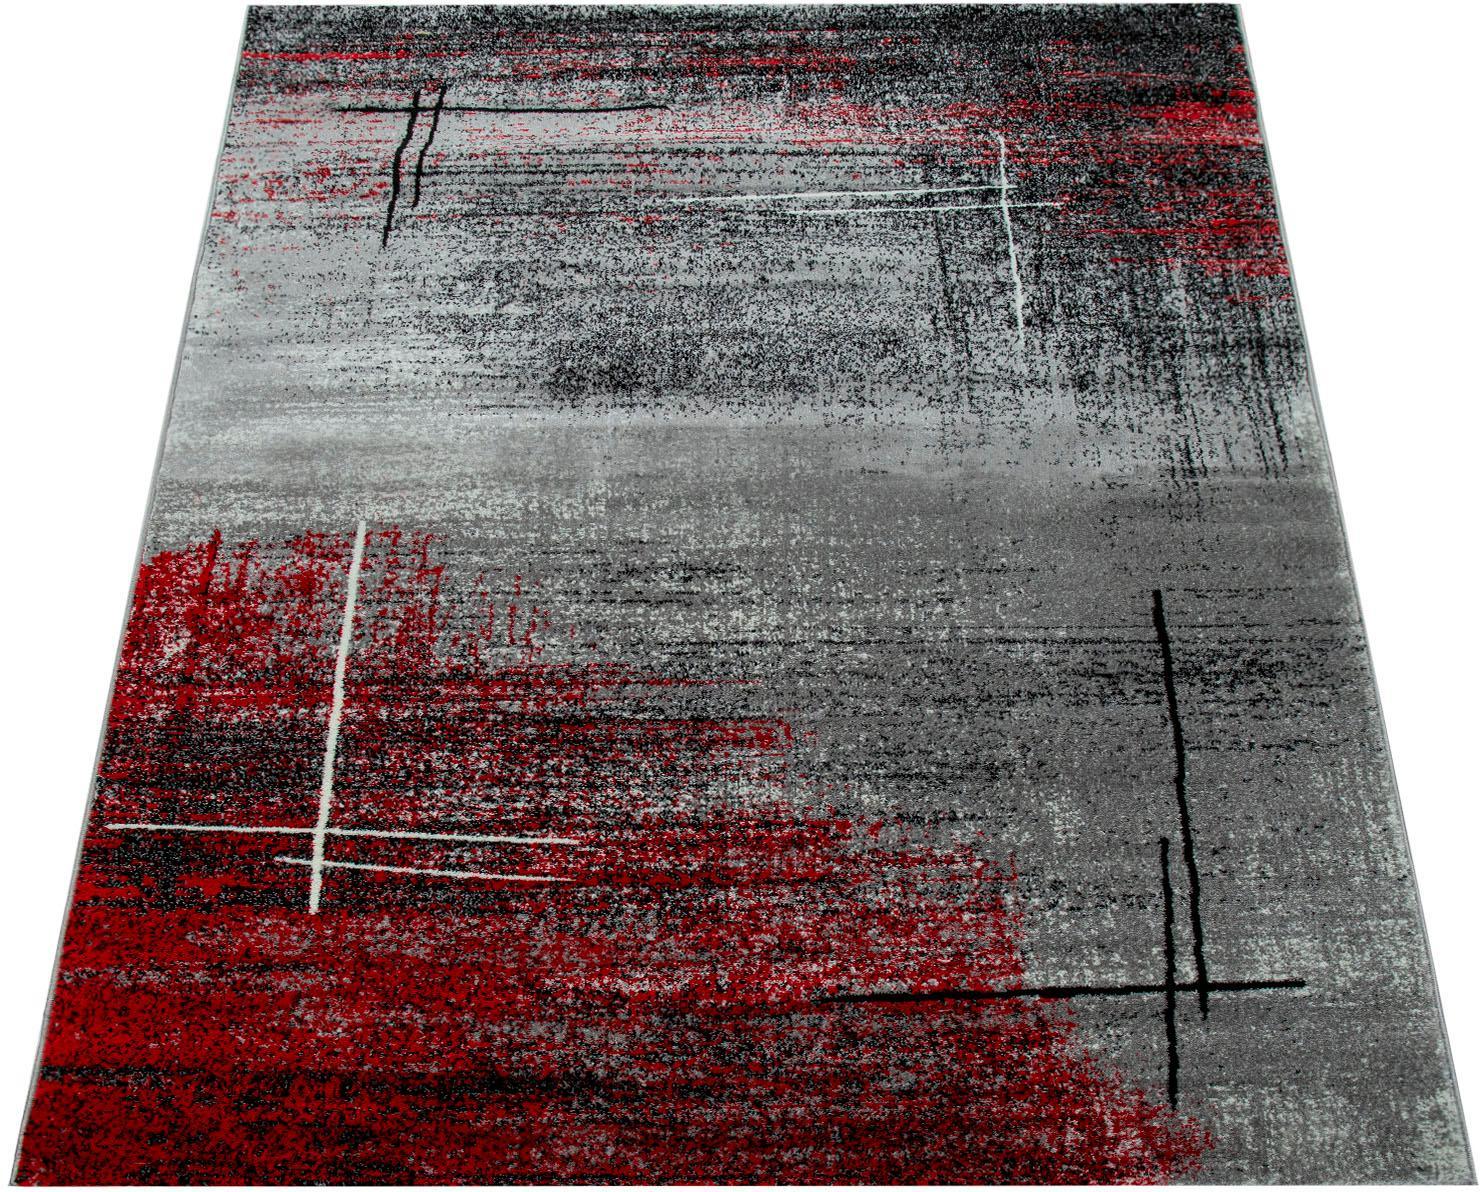 Läufer Tibesti5090 Paco Home rechteckig Höhe 16 mm maschinell gewebt